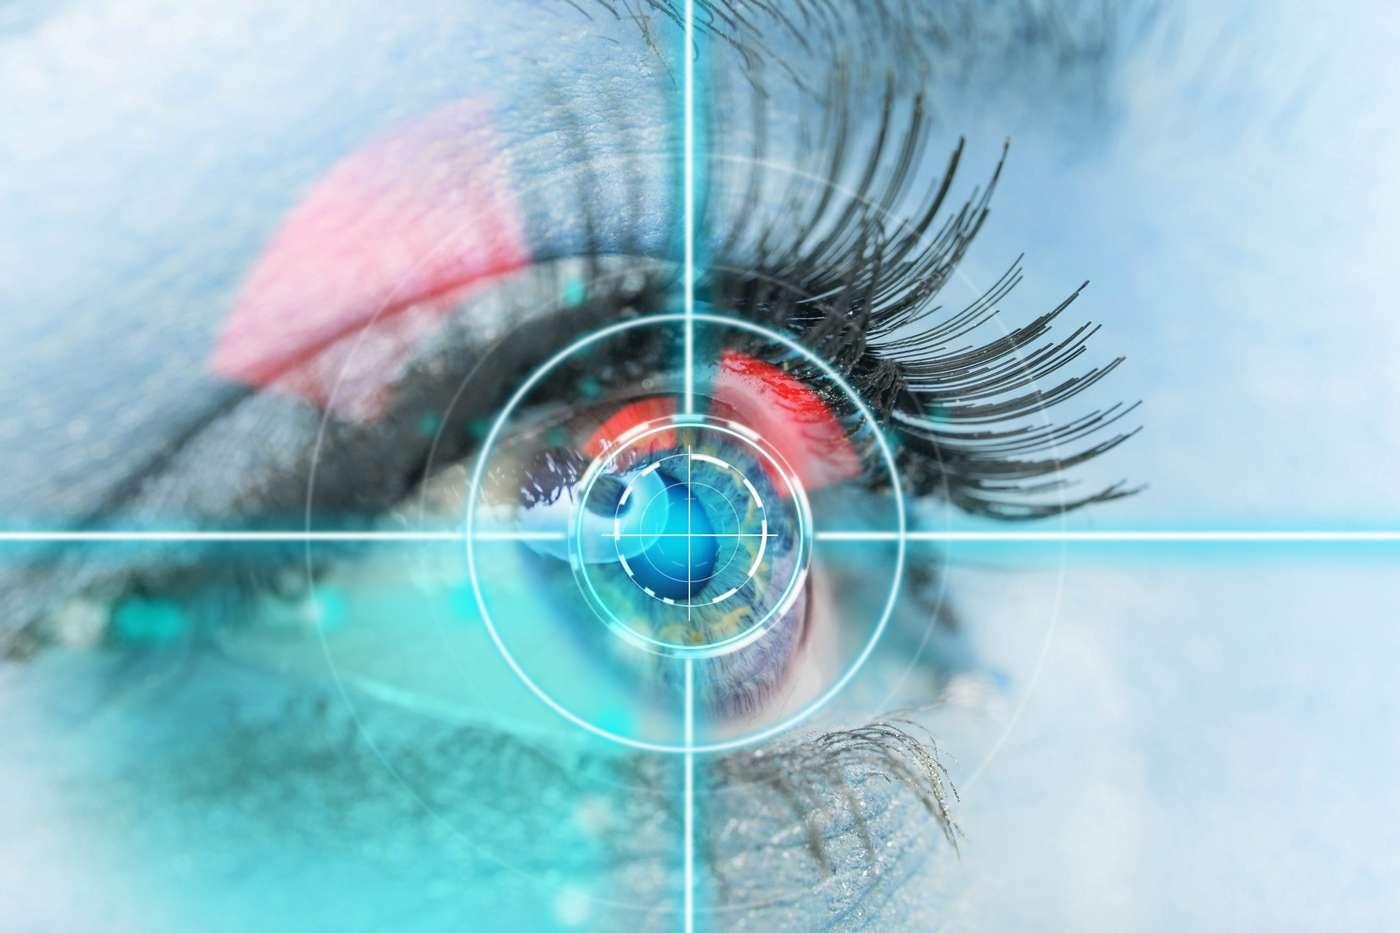 Lentille de contact : Plusieurs types d'oeils